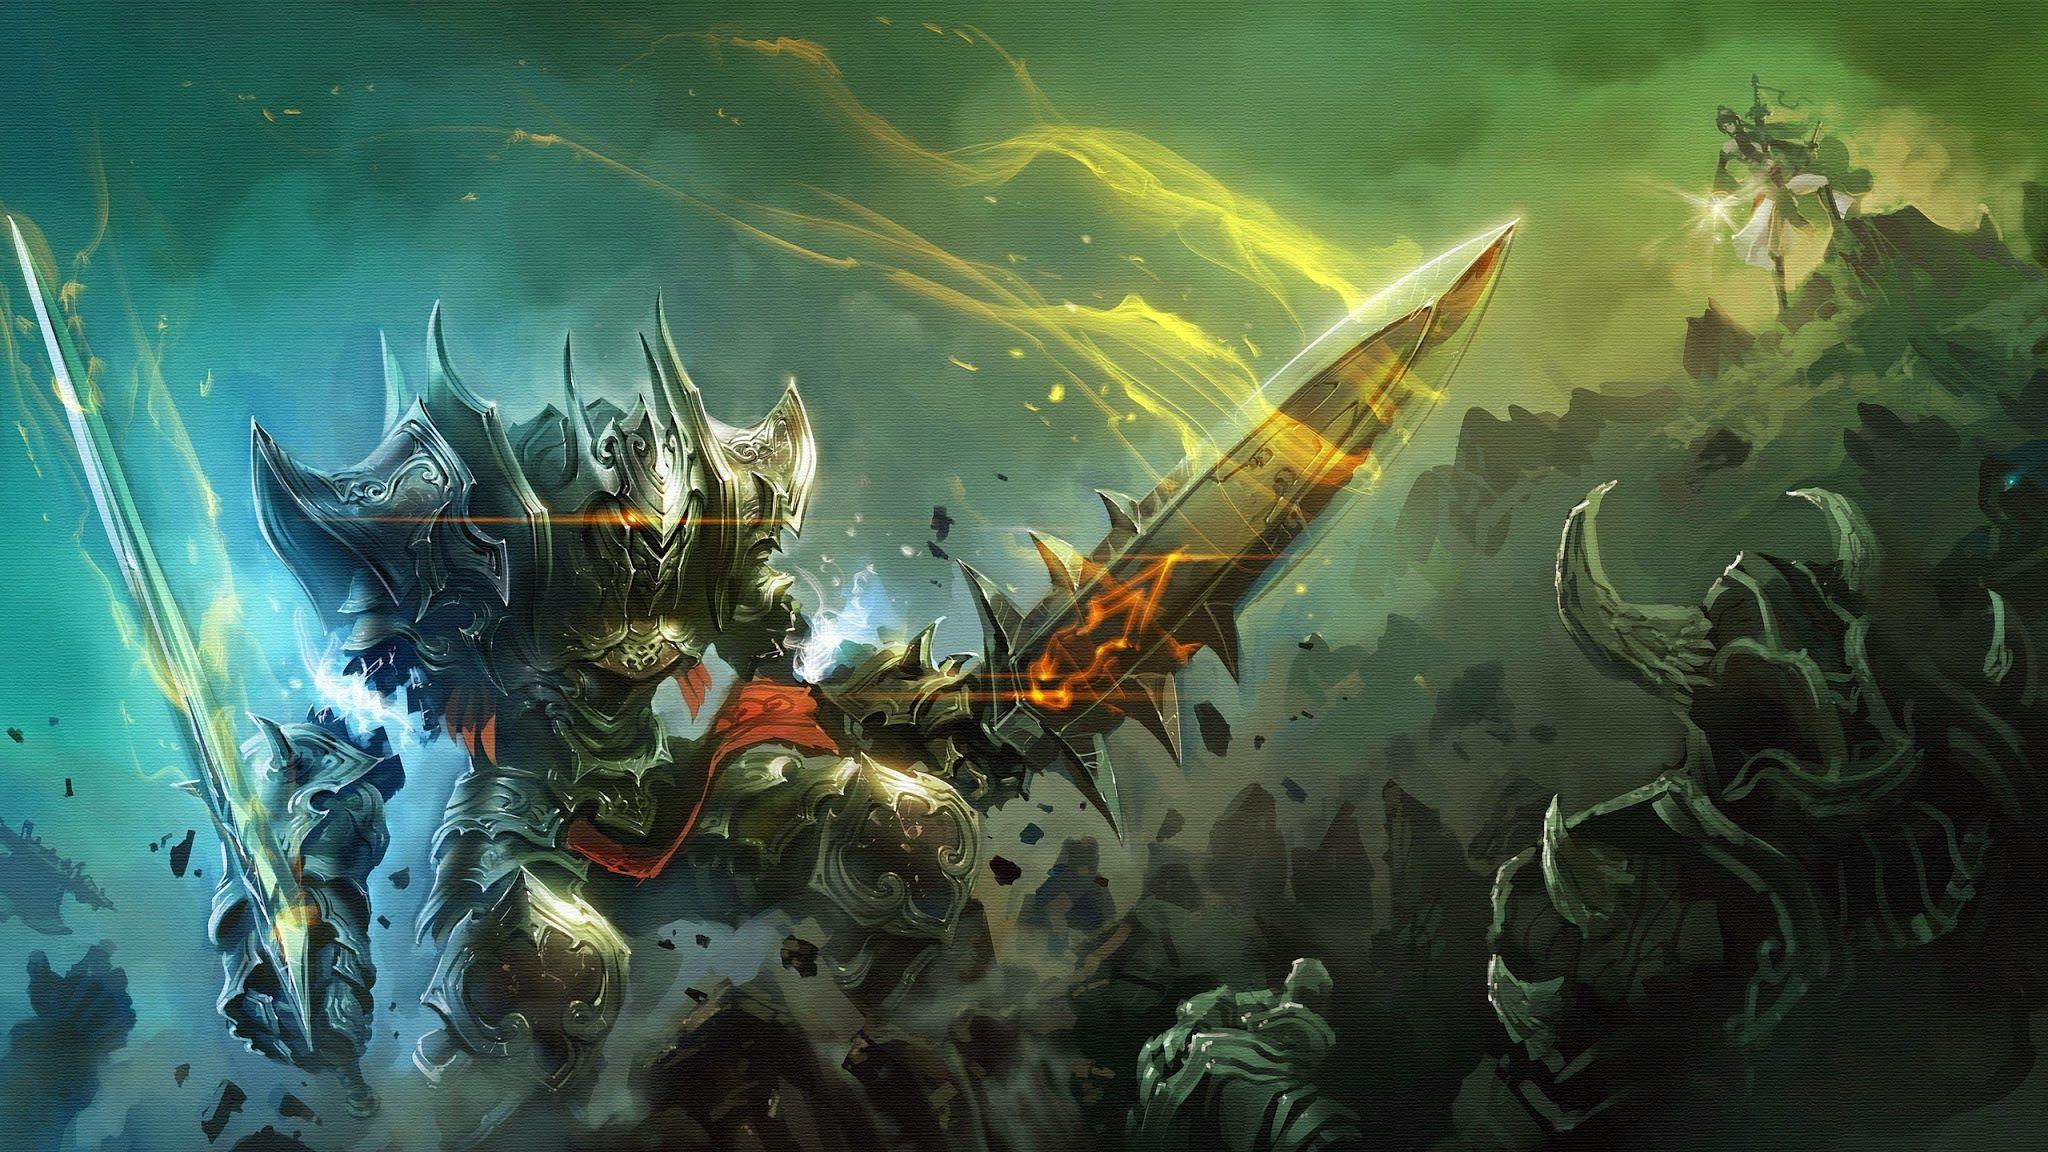 Sword Battle Wallpapers - Top Free Sword Battle Backgrounds